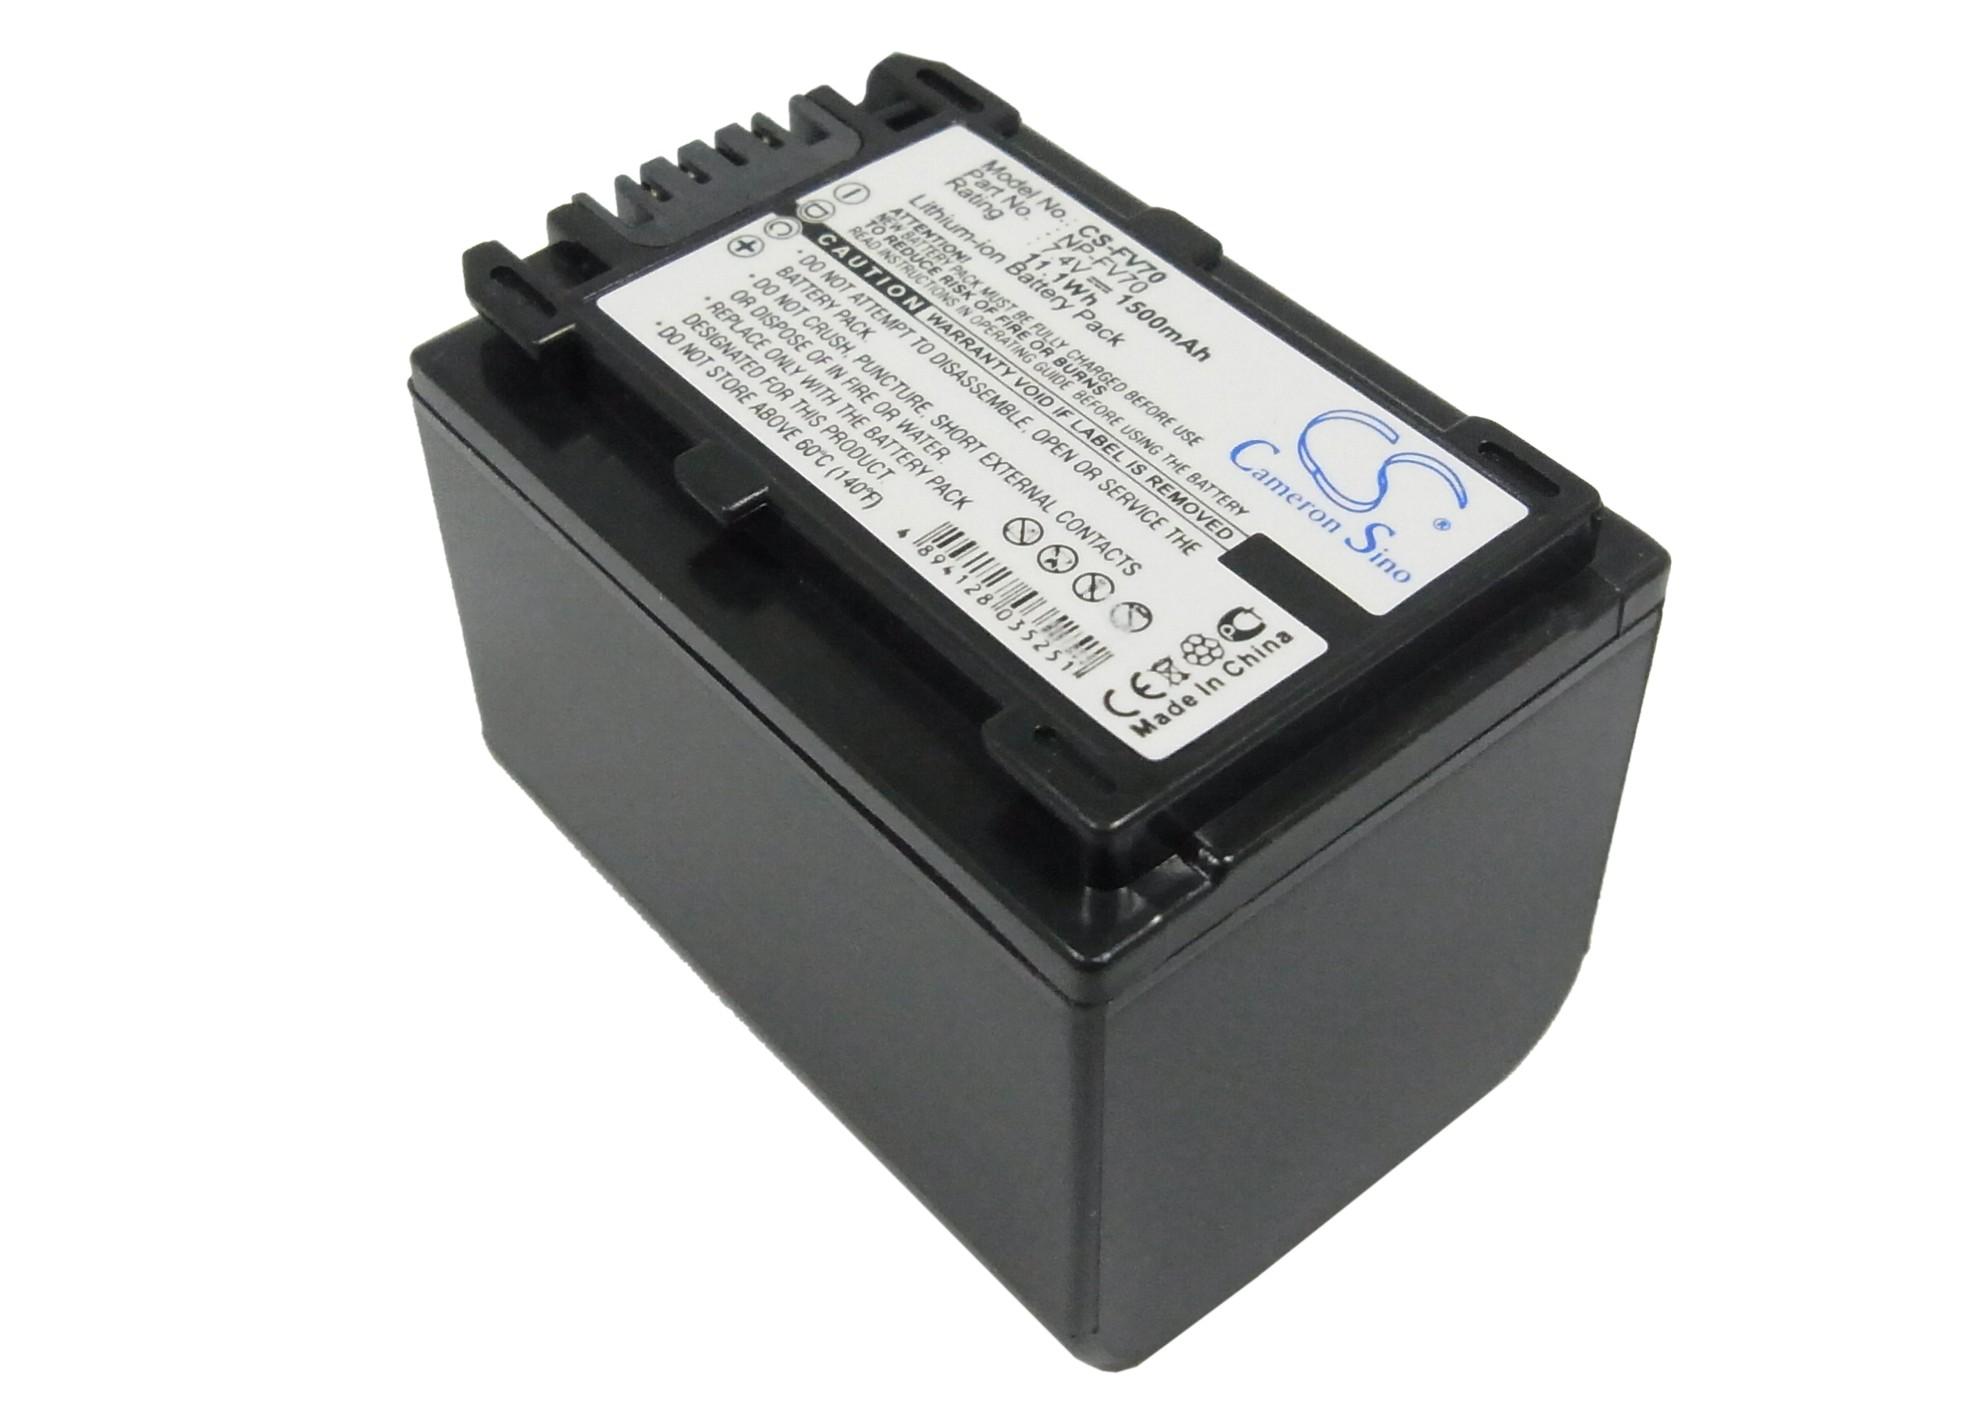 Cameron Sino baterie do kamer a fotoaparátů pro SONY HDR-PJ 7.4V Li-ion 1500mAh černá - neoriginální